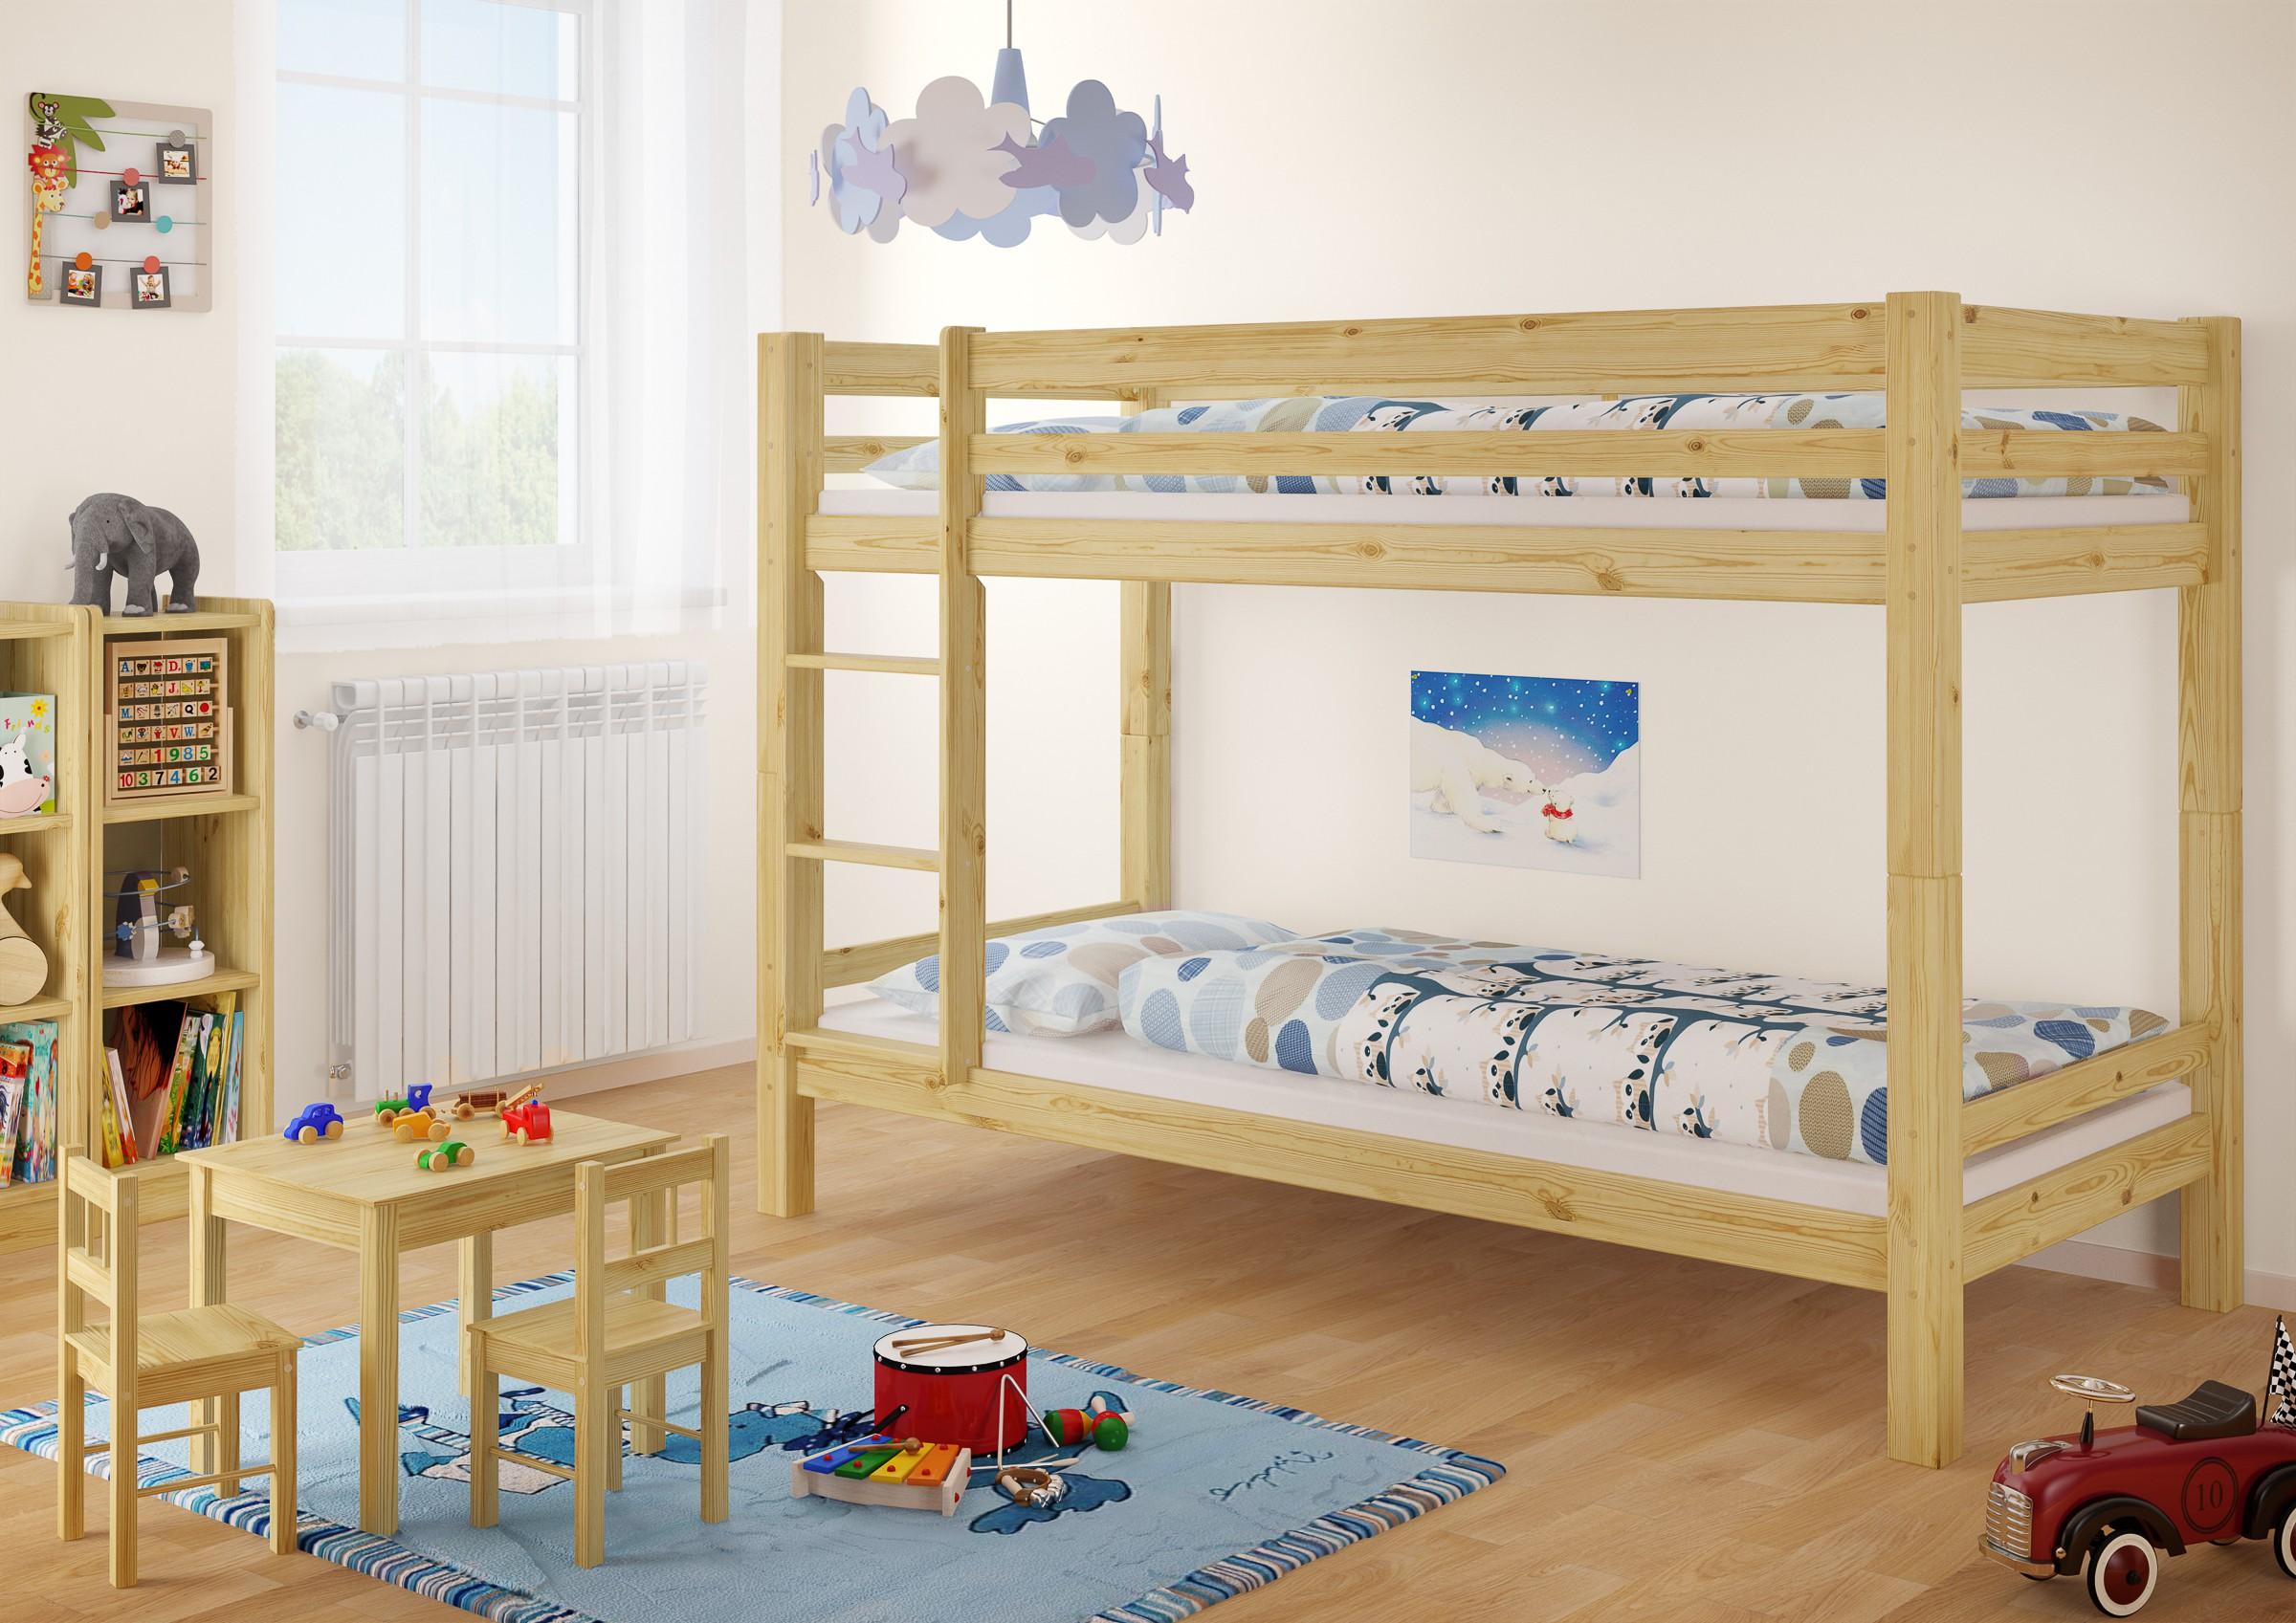 Etagenbetten Kinderzimmer : Platzsparende möbel für das kinderzimmer kinder komfort